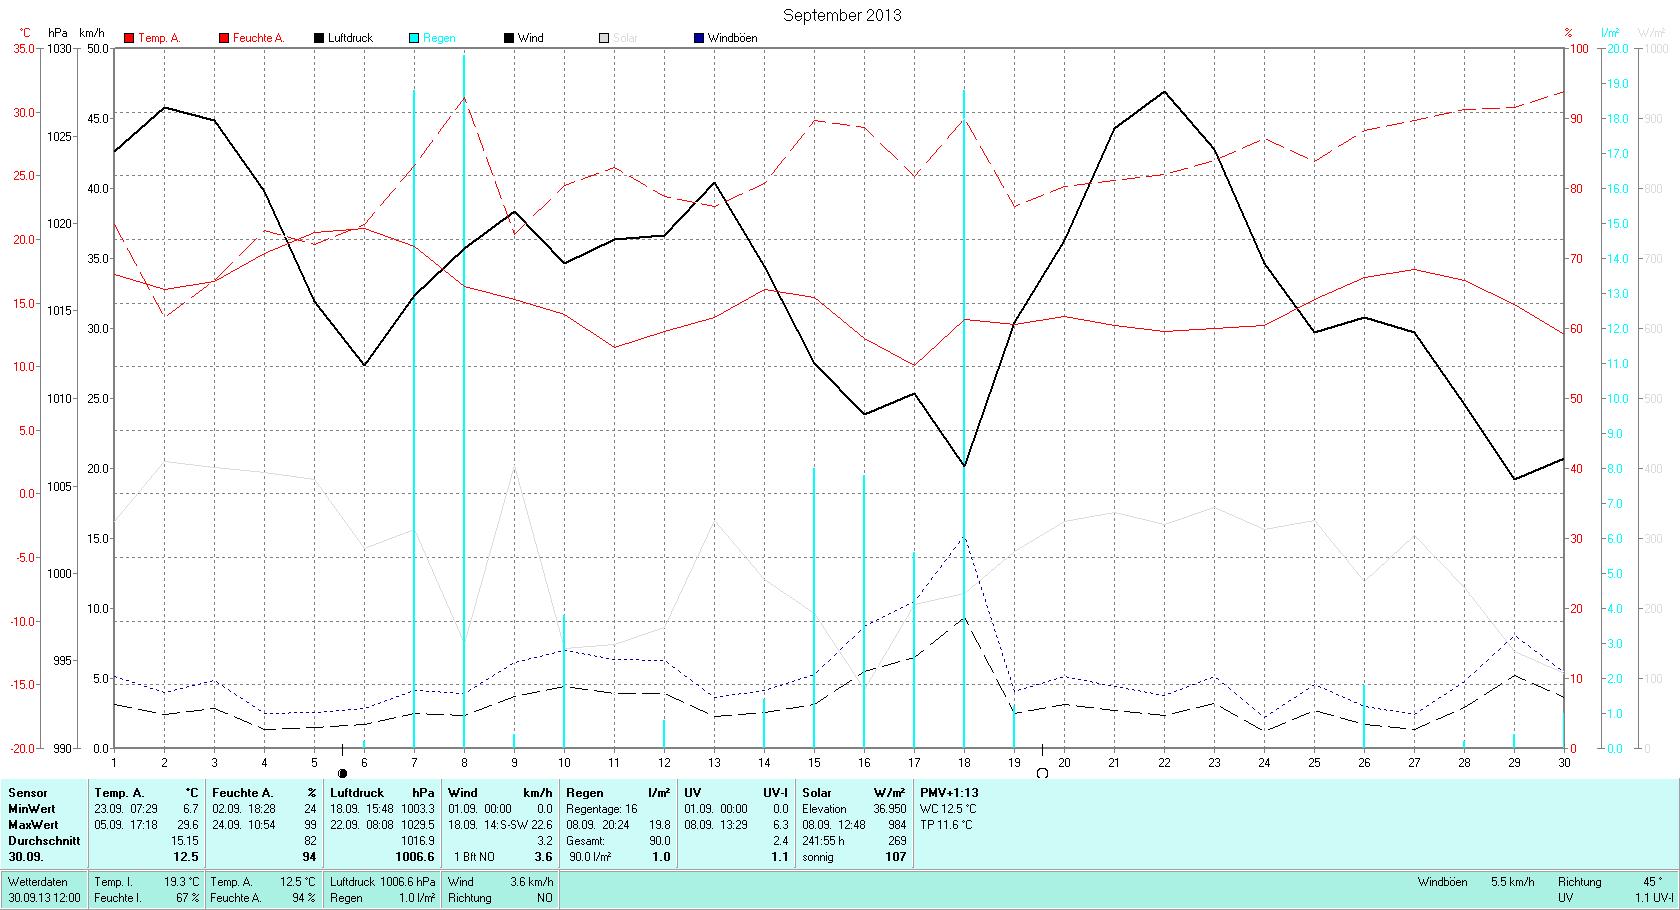 September Tmin 6.7°C, Tmax 29.6°C, Sonne 190:43h, Niederschlag 90.0mm/2